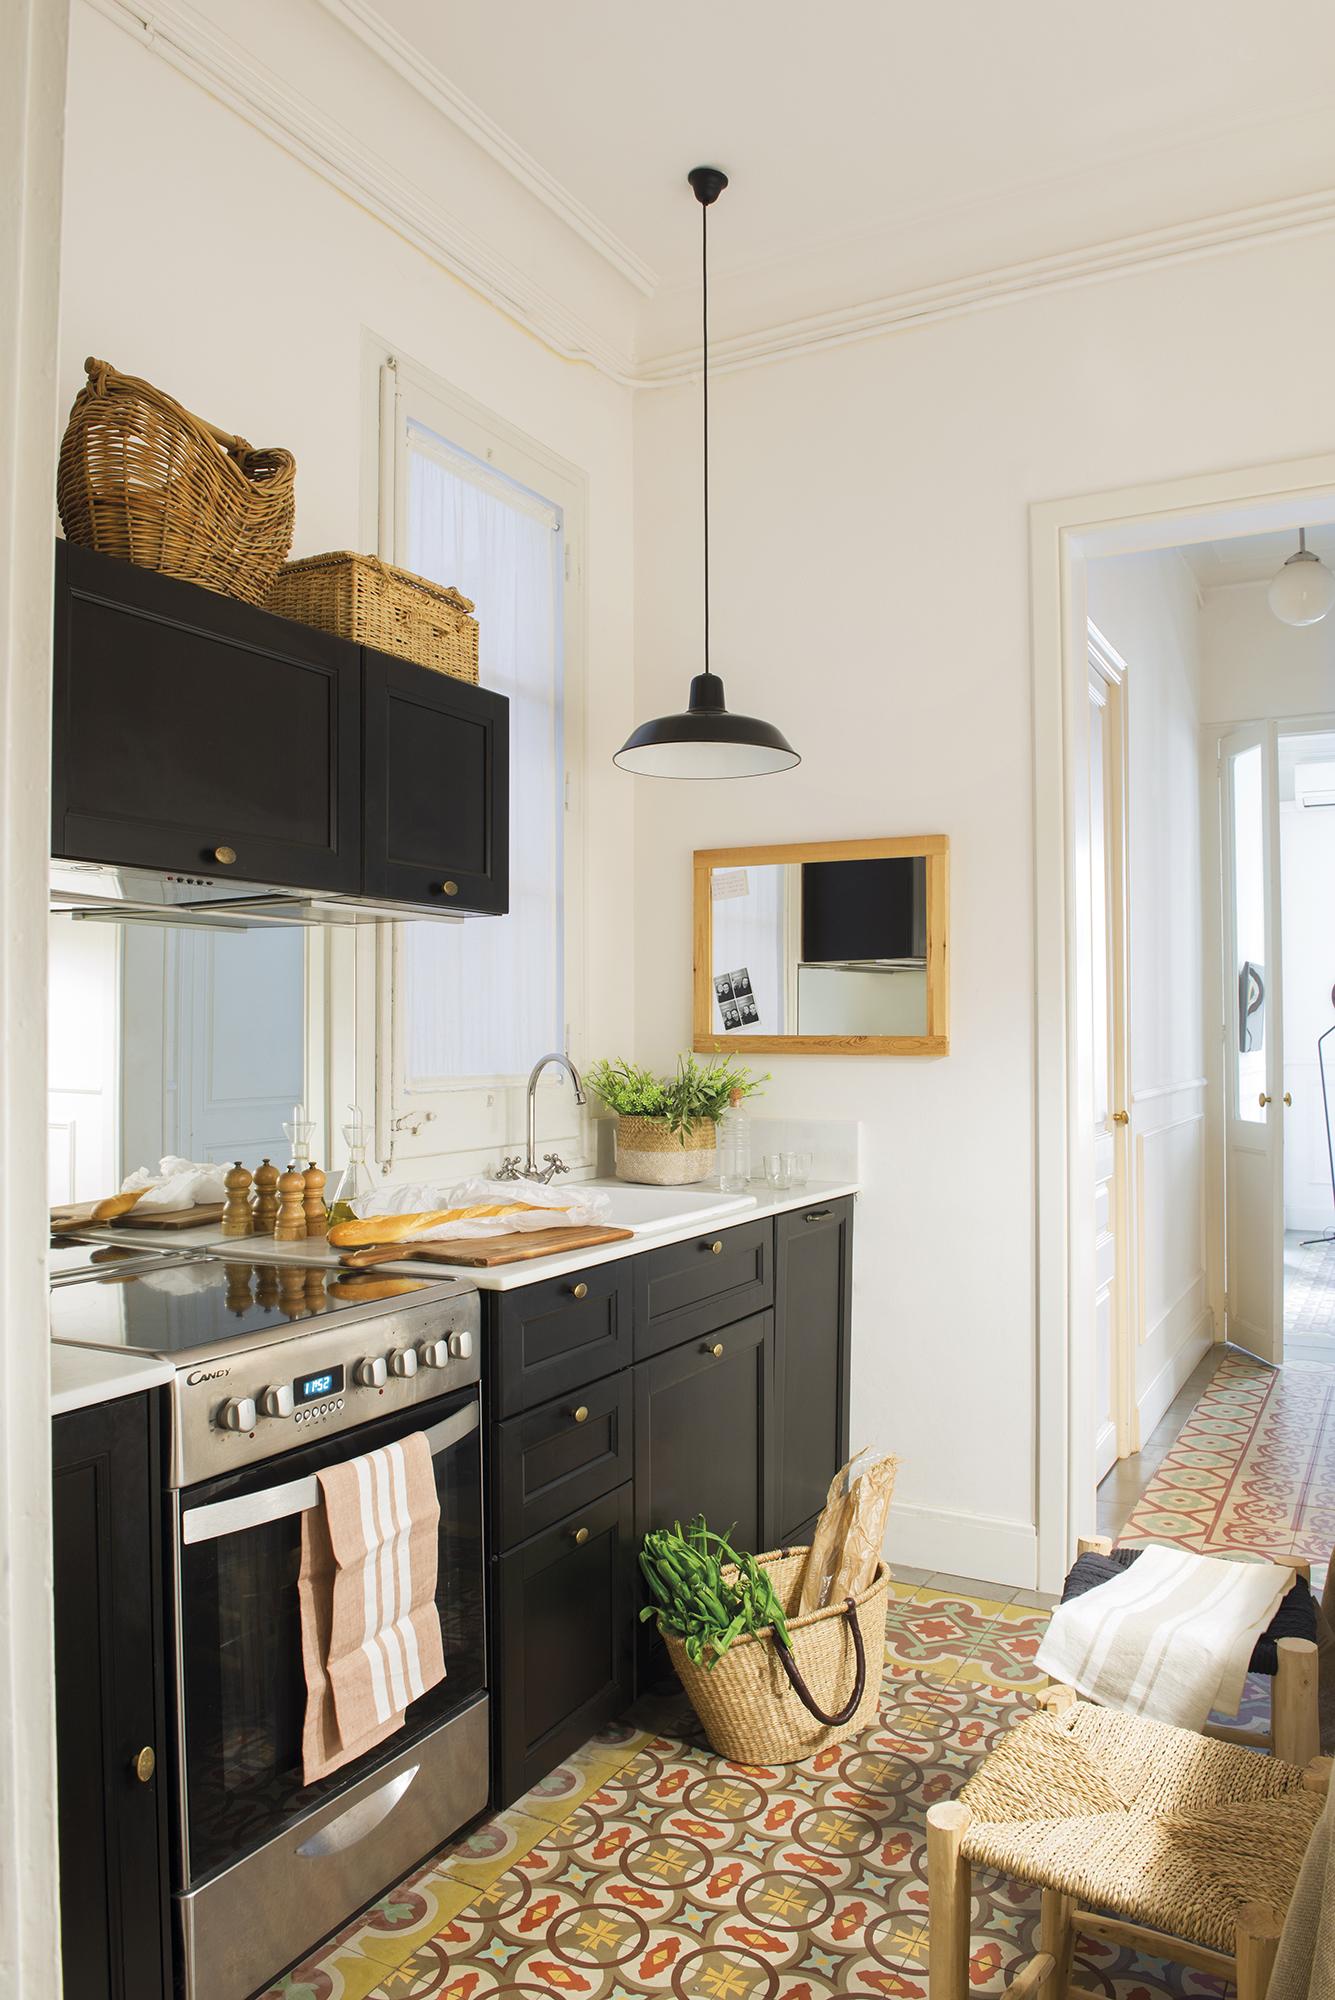 La cocina en la entrada fue la soluci n a esta casa peque a - Cocinas para pisos pequenos ...